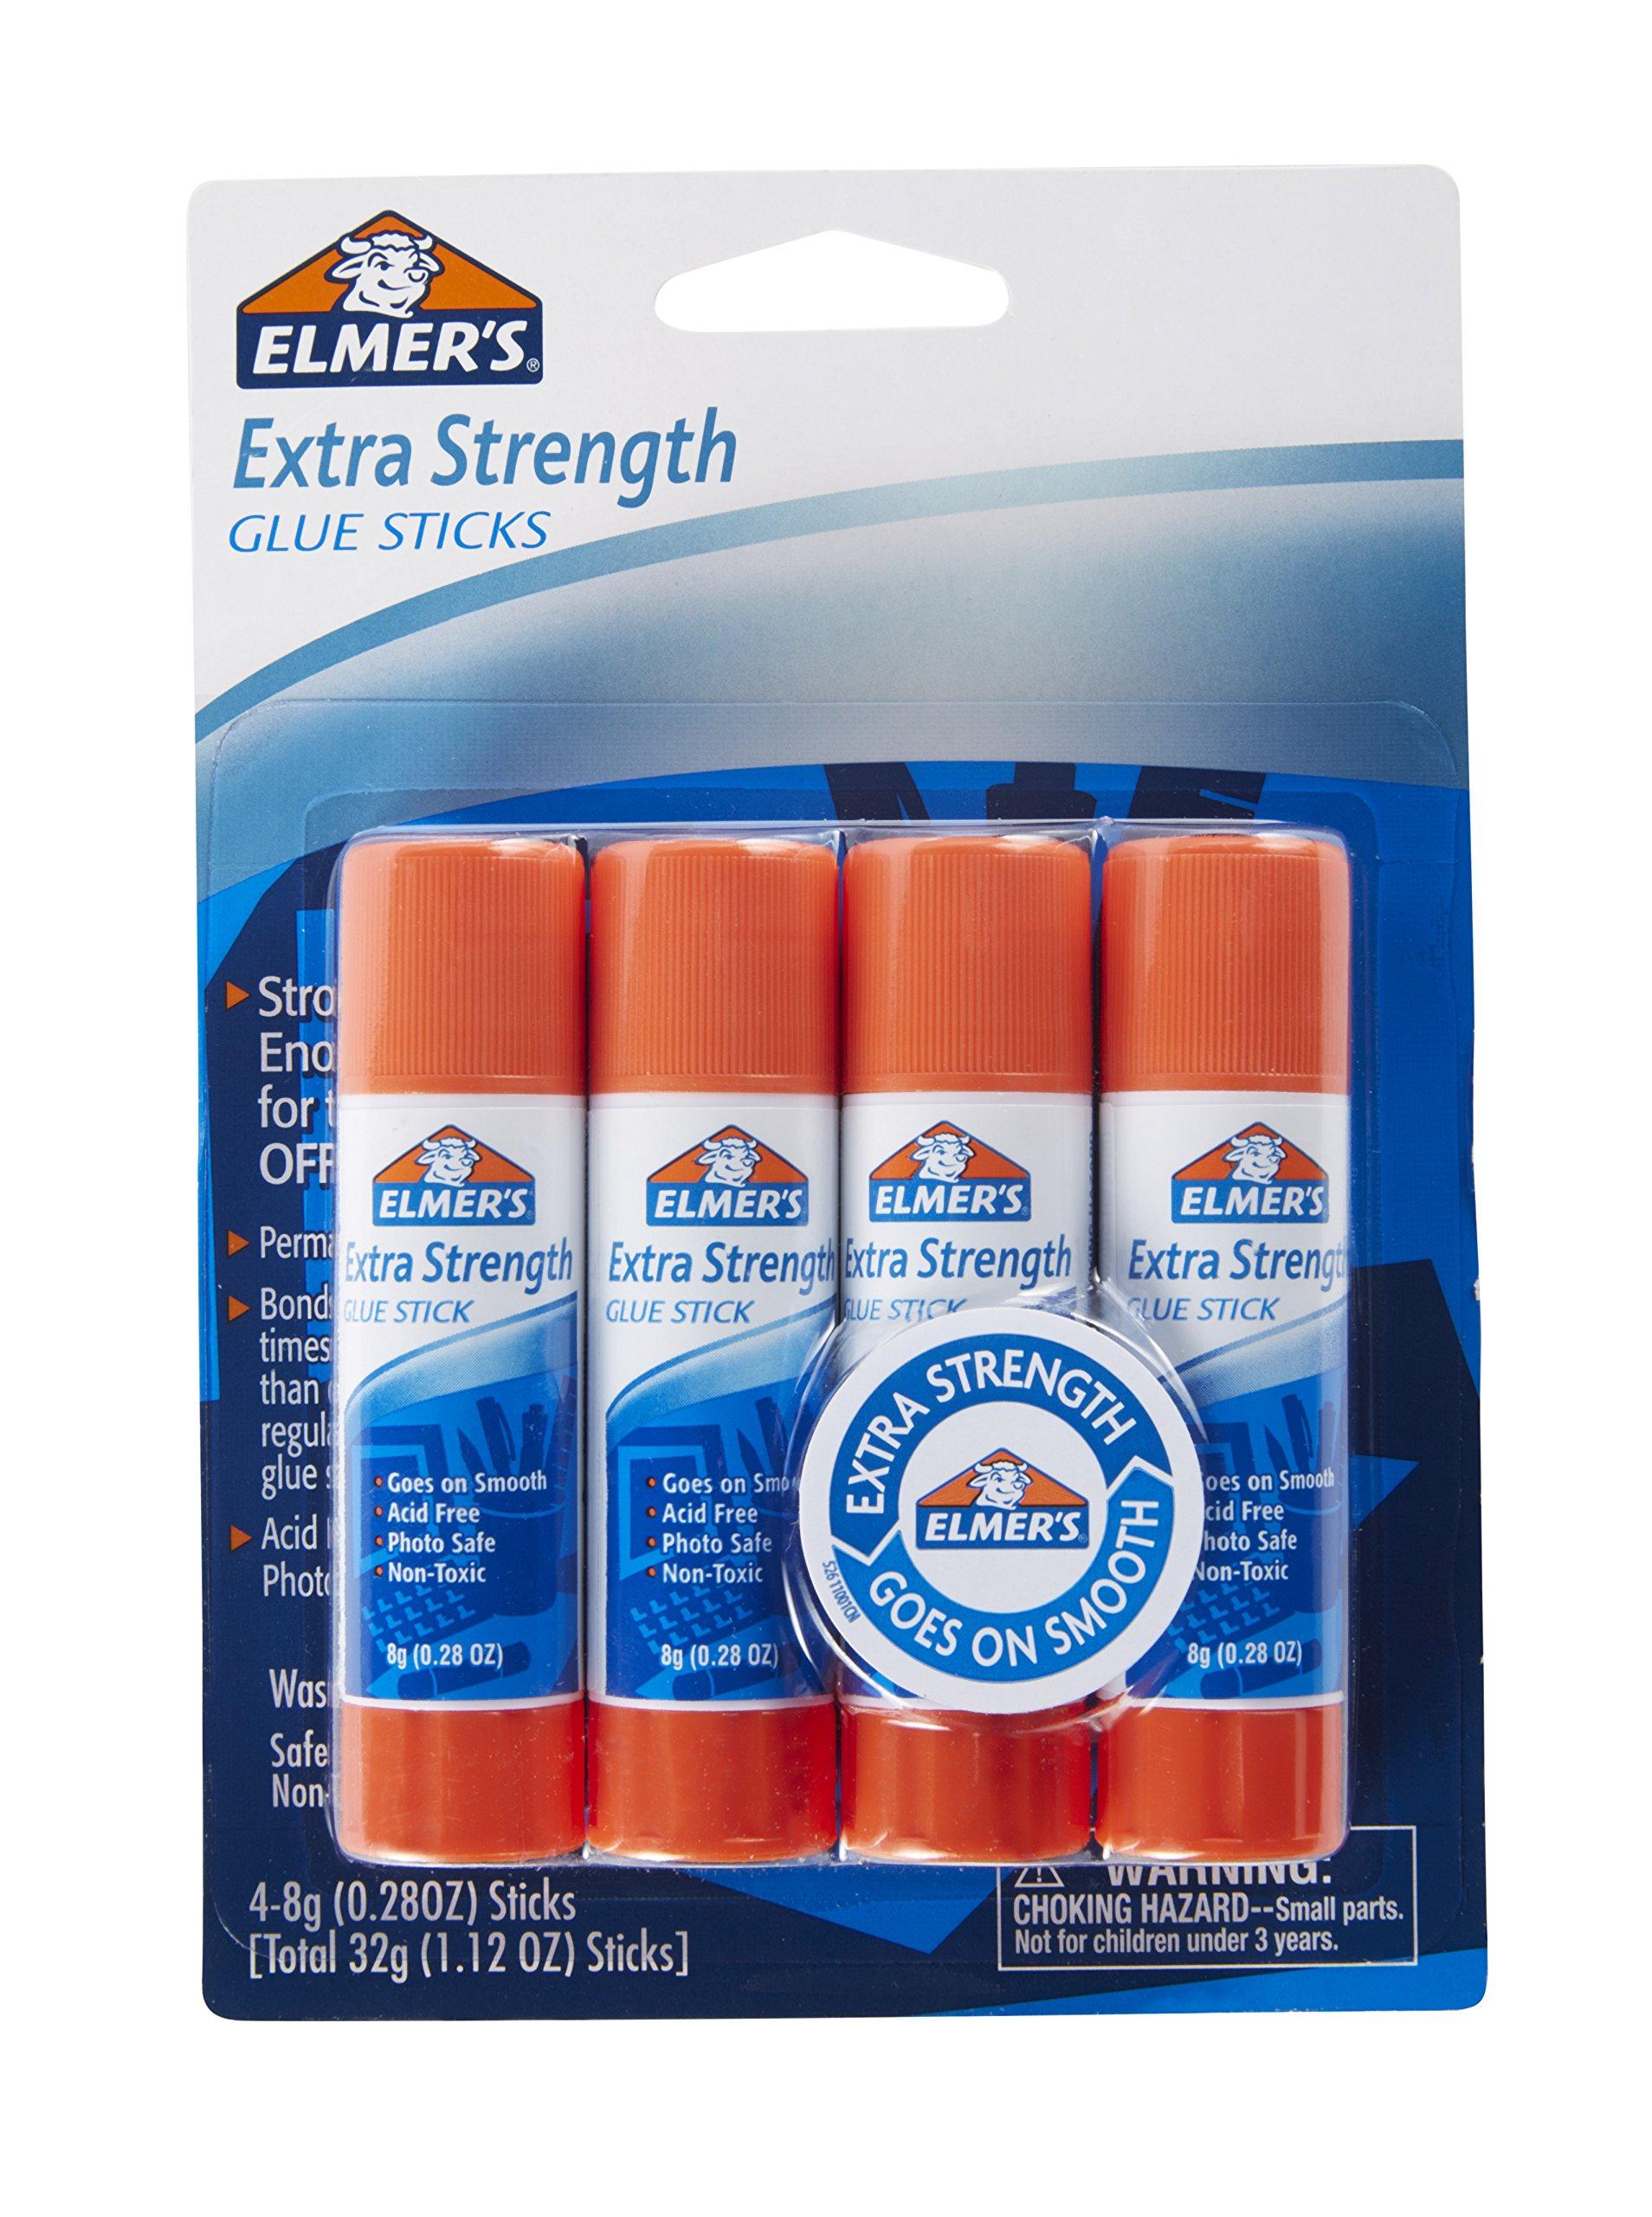 Elmers Extra Strength Glue Sticks, 0.28 Ounces, 4 Count